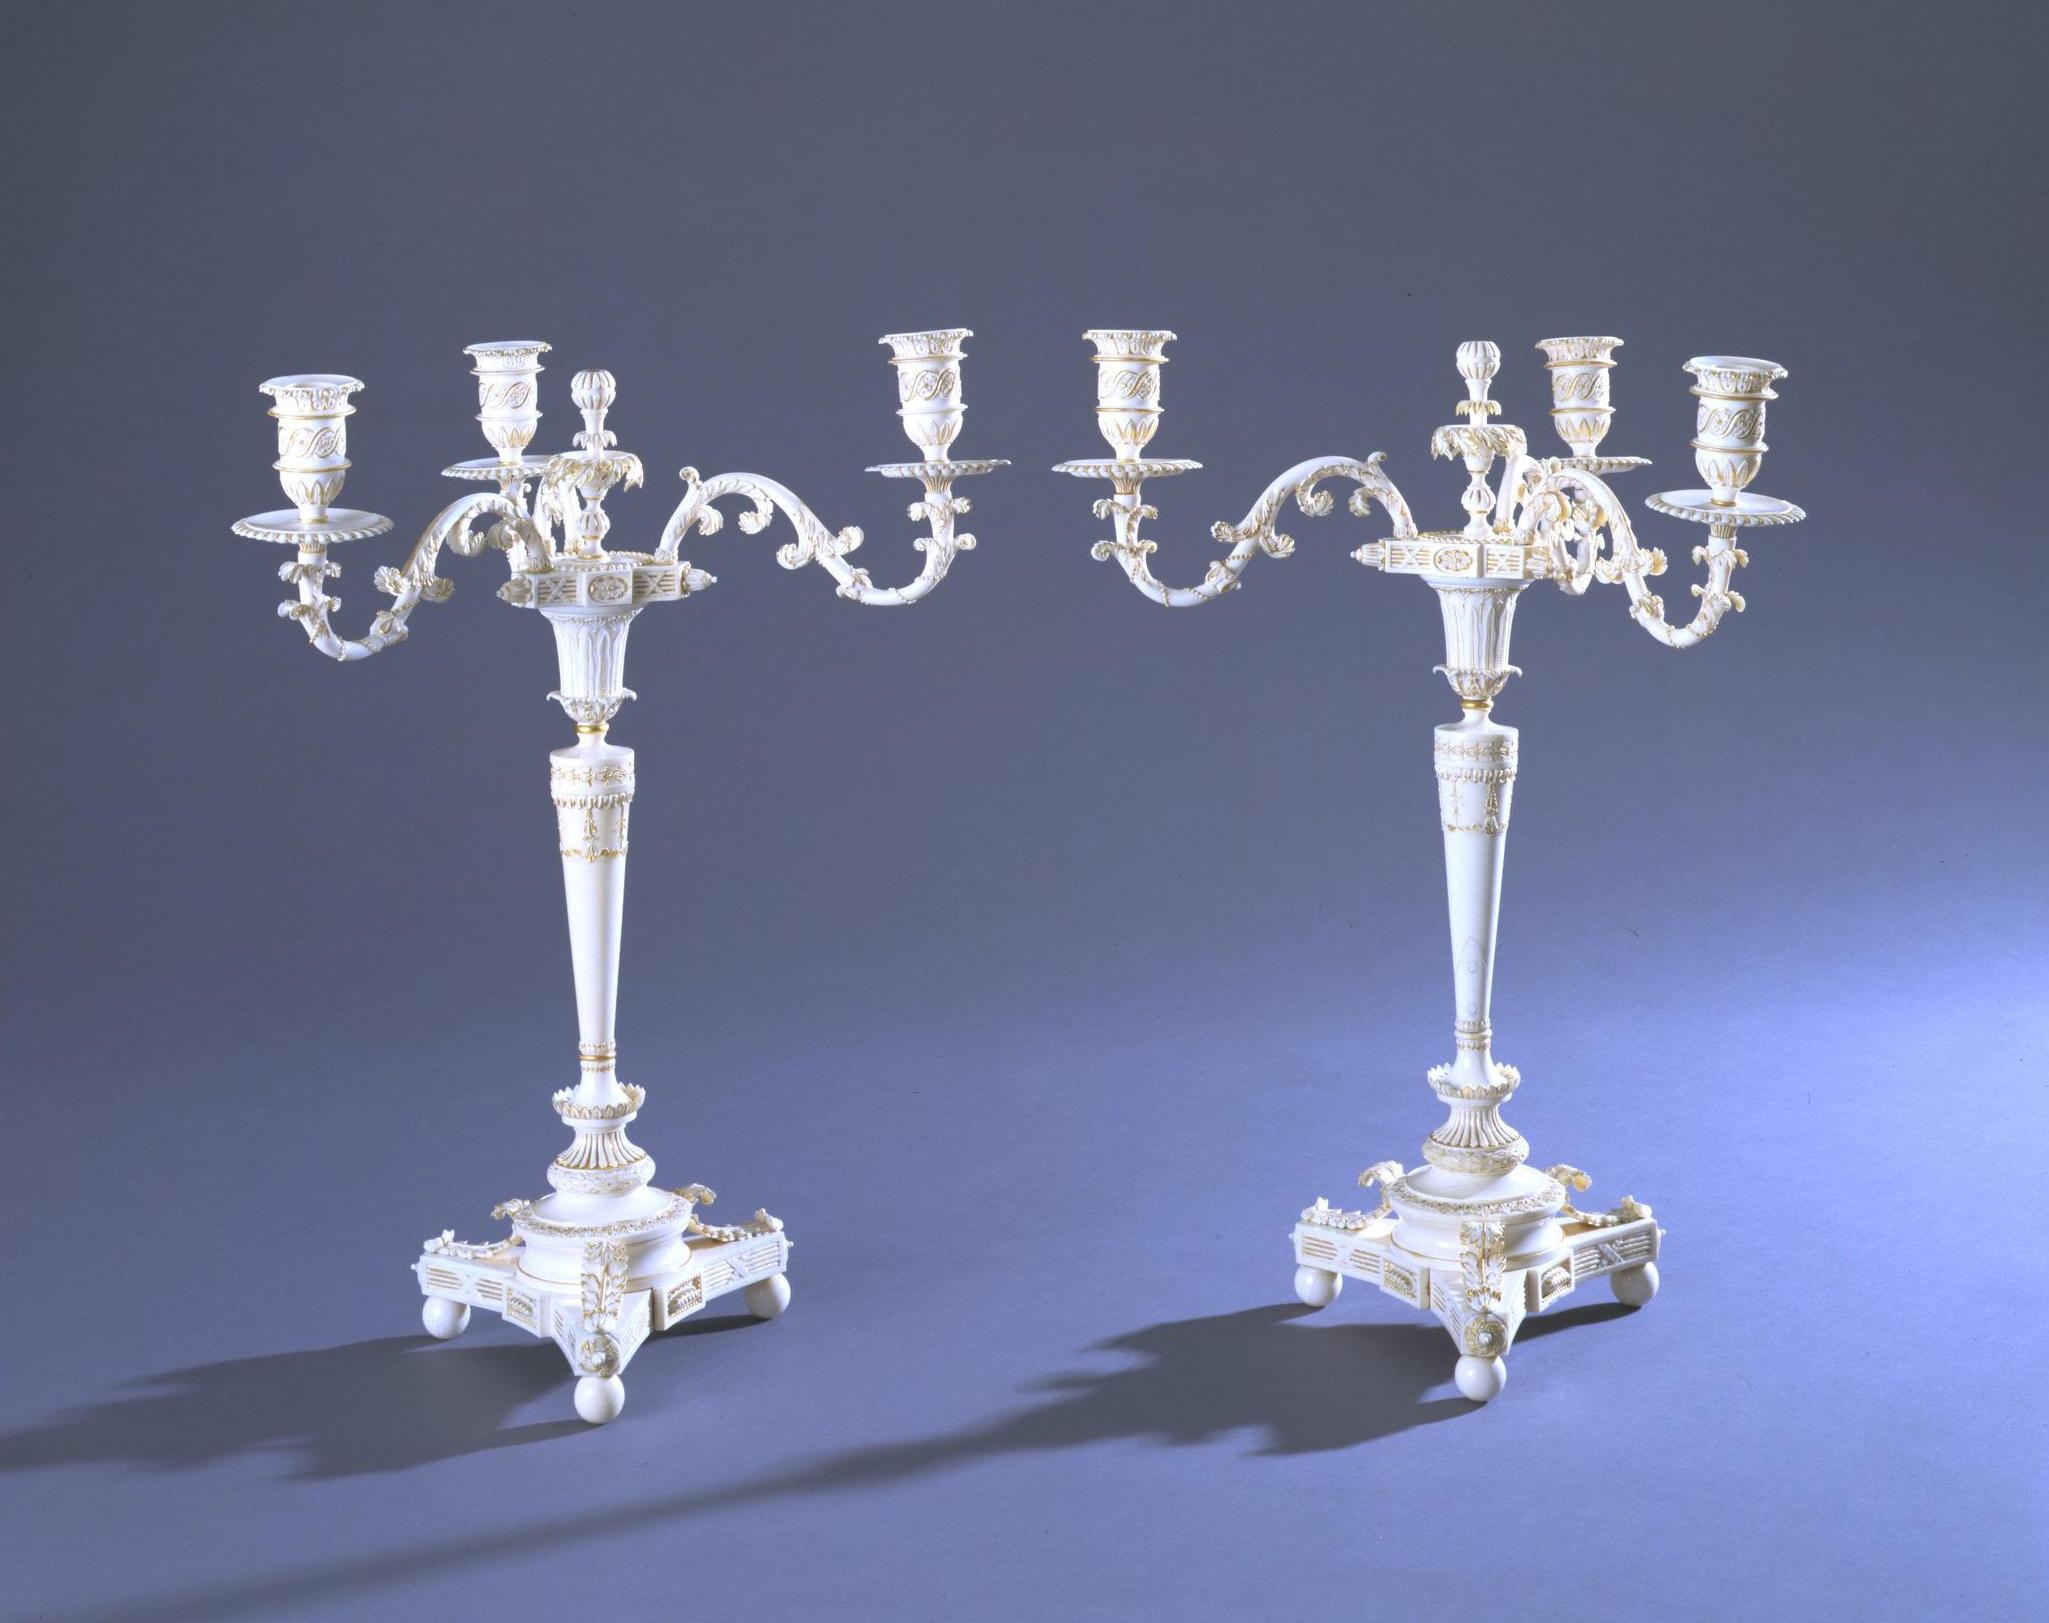 Candlestick Murshidabad, c. 1800  Credit: Victoria & Albert Museum